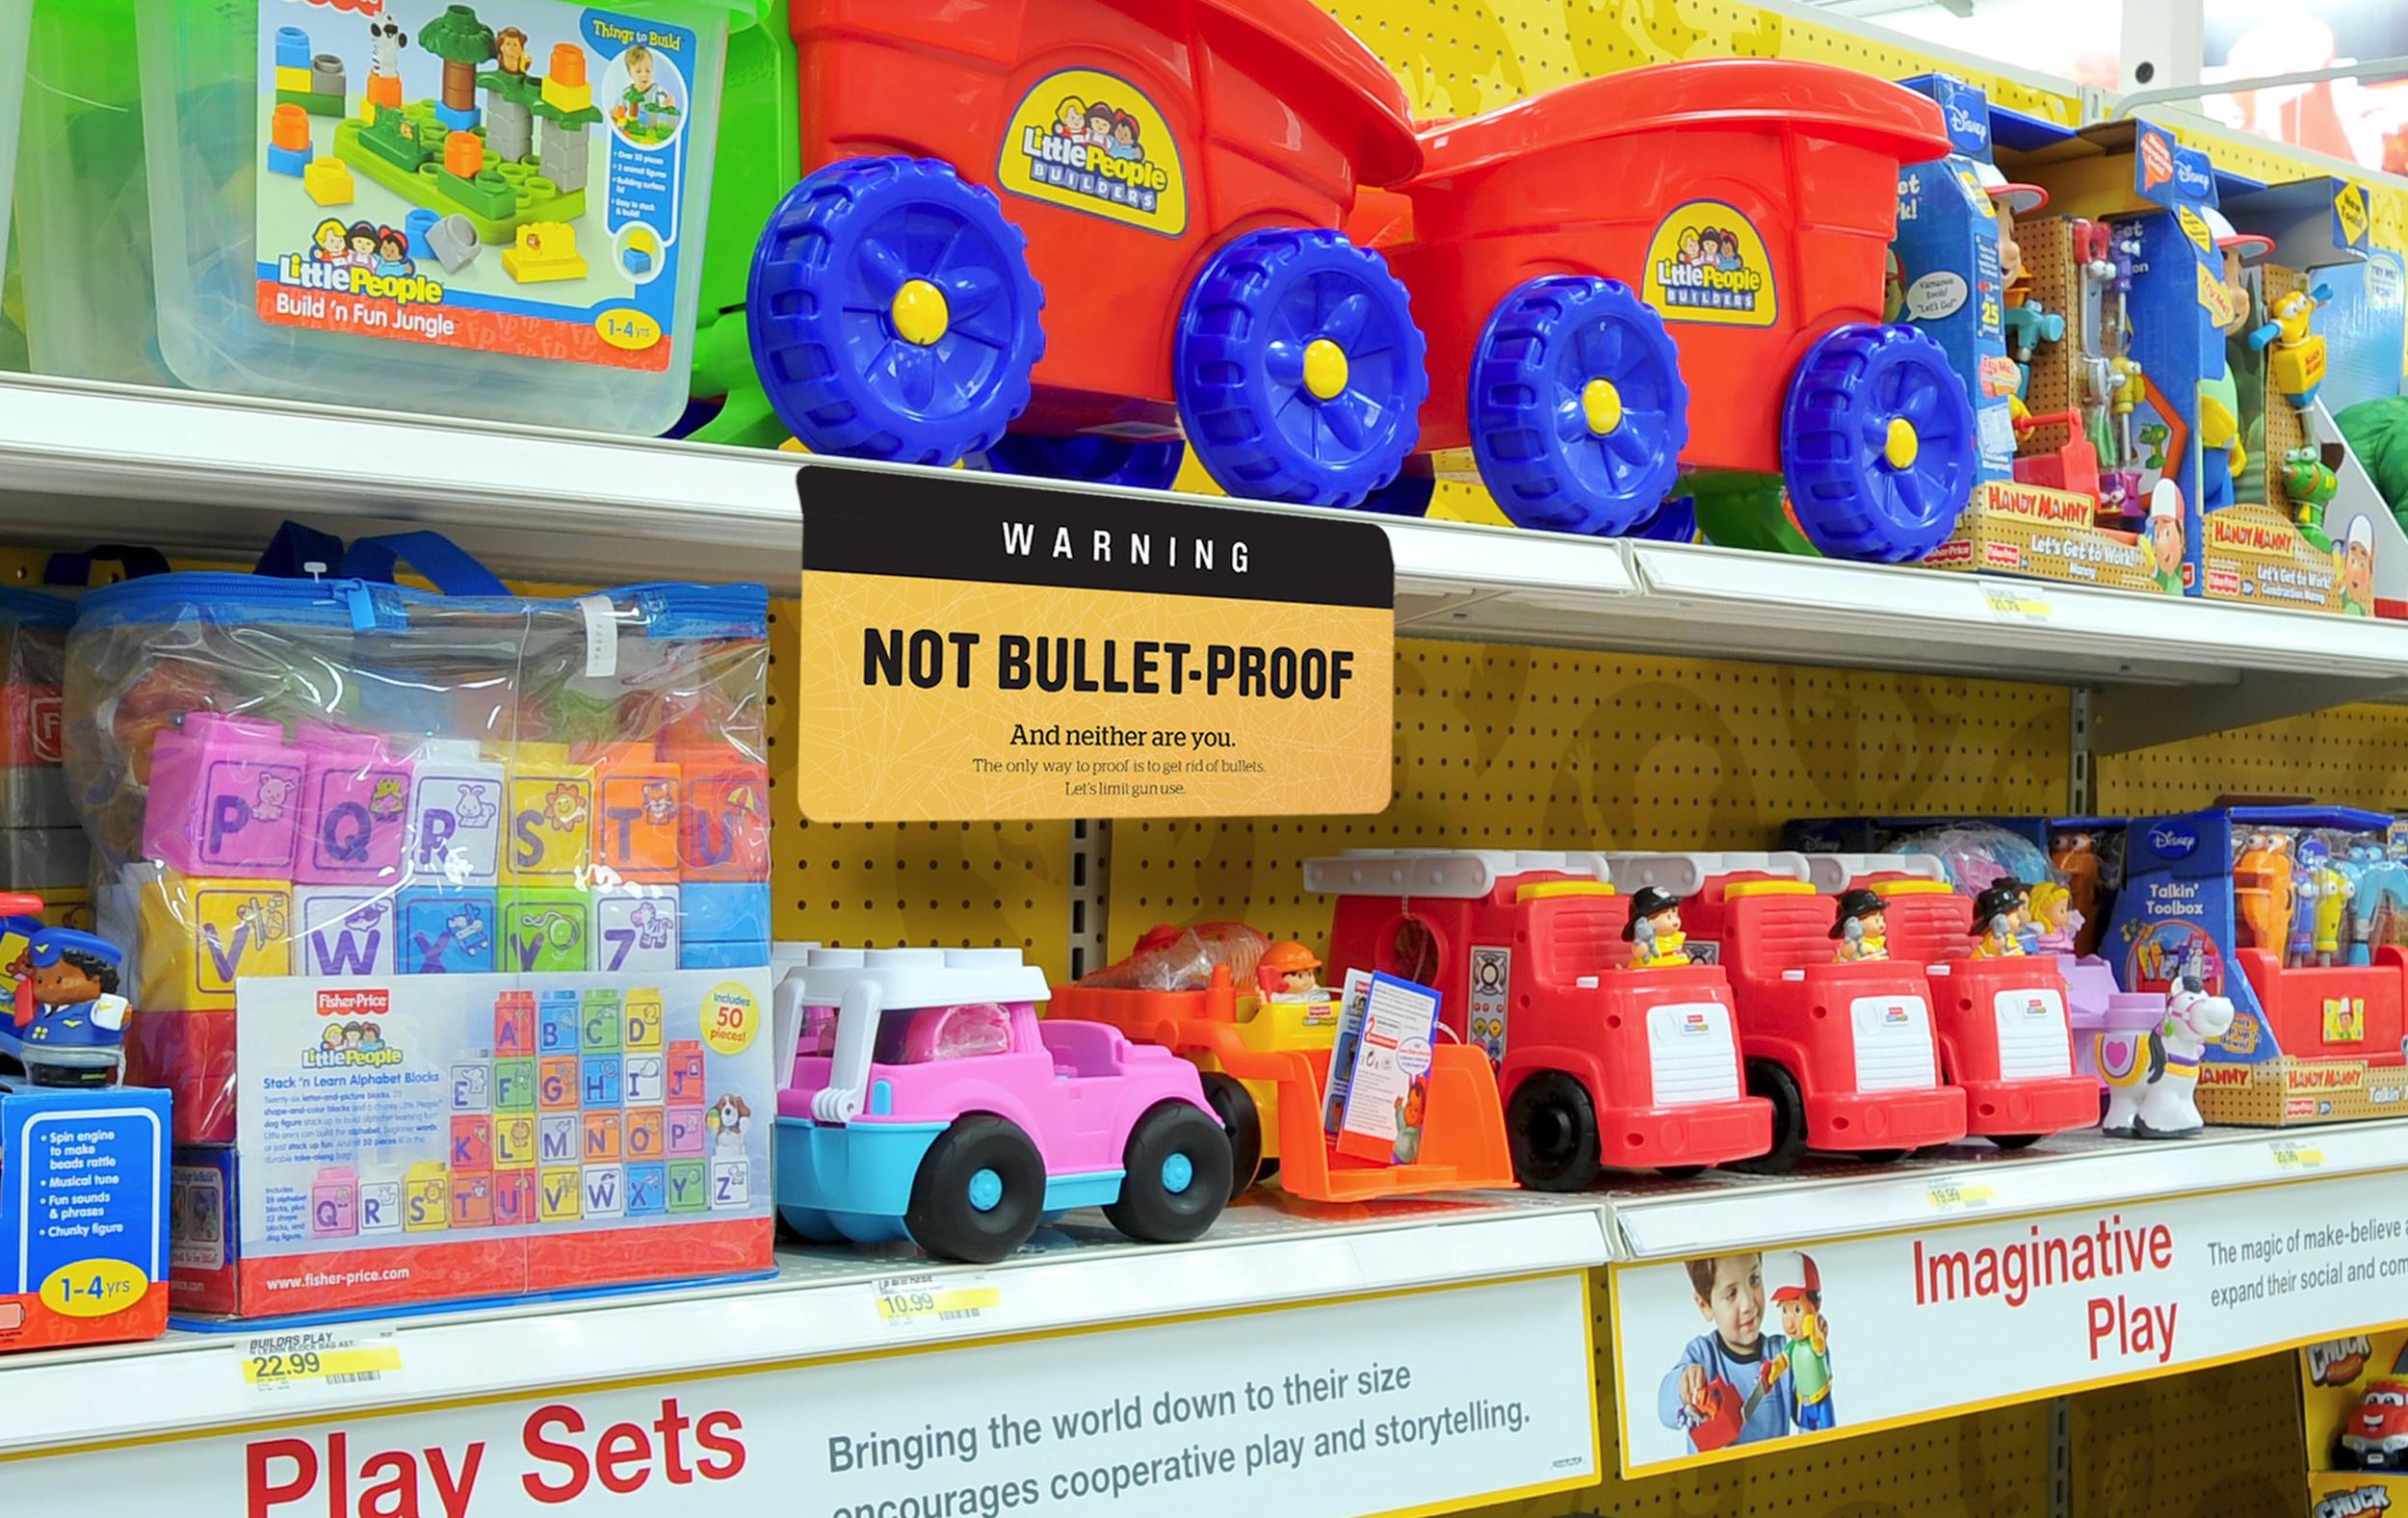 NBP_Sticker_0001_Toys_Warning.jpg